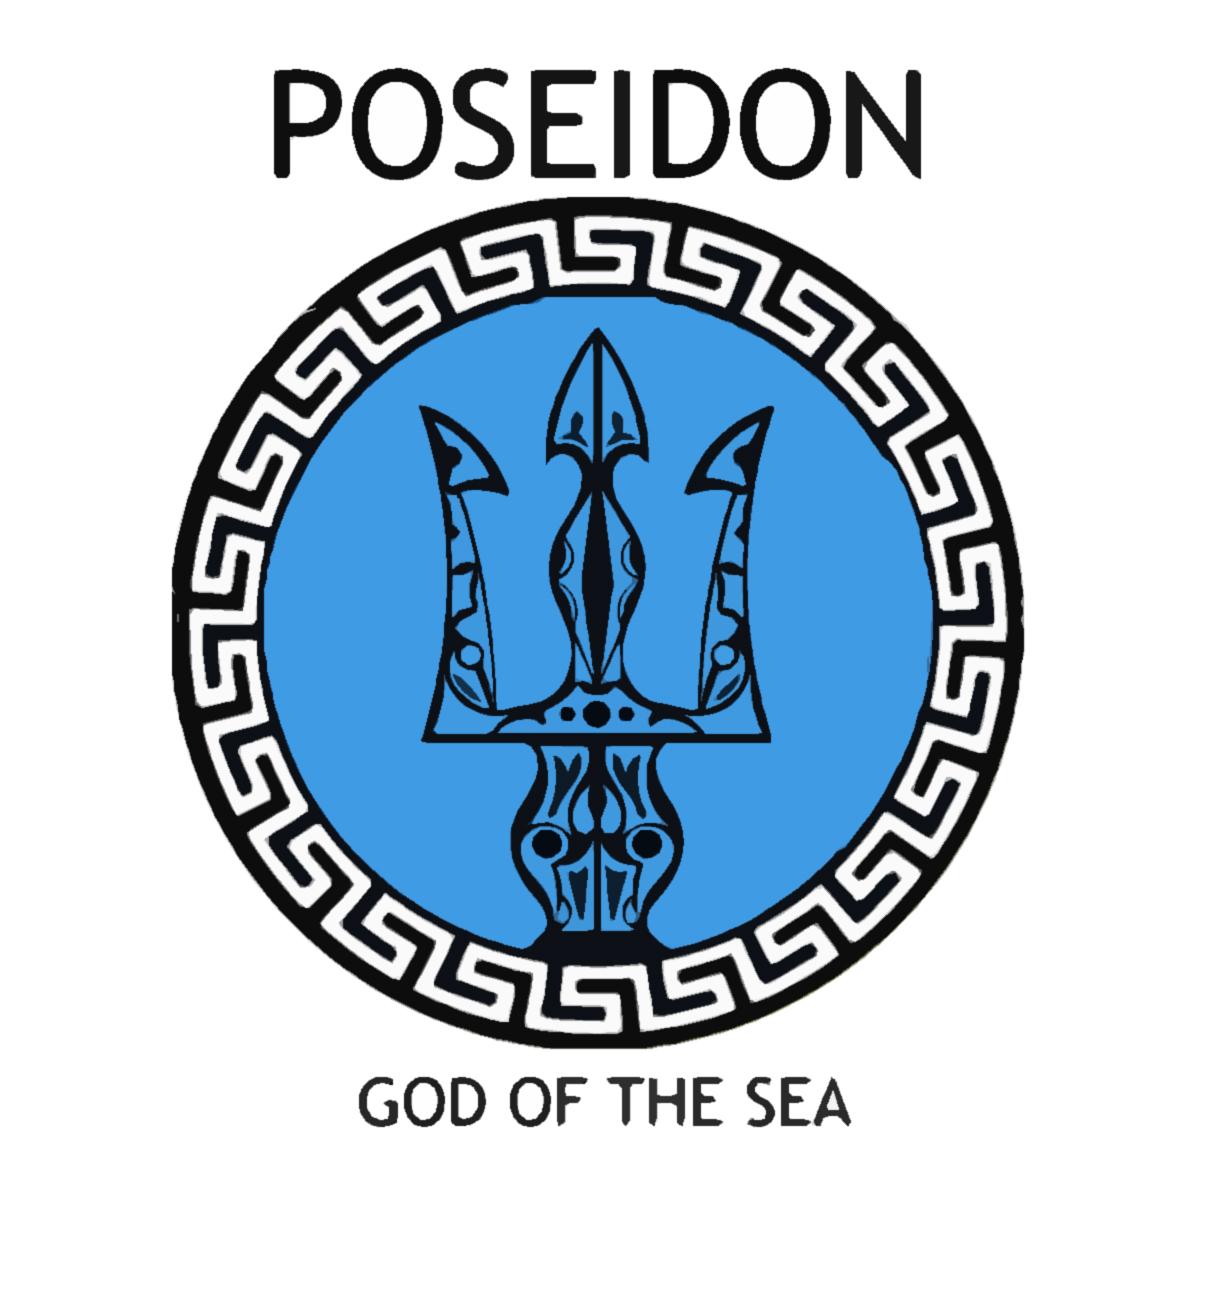 Poseidon House